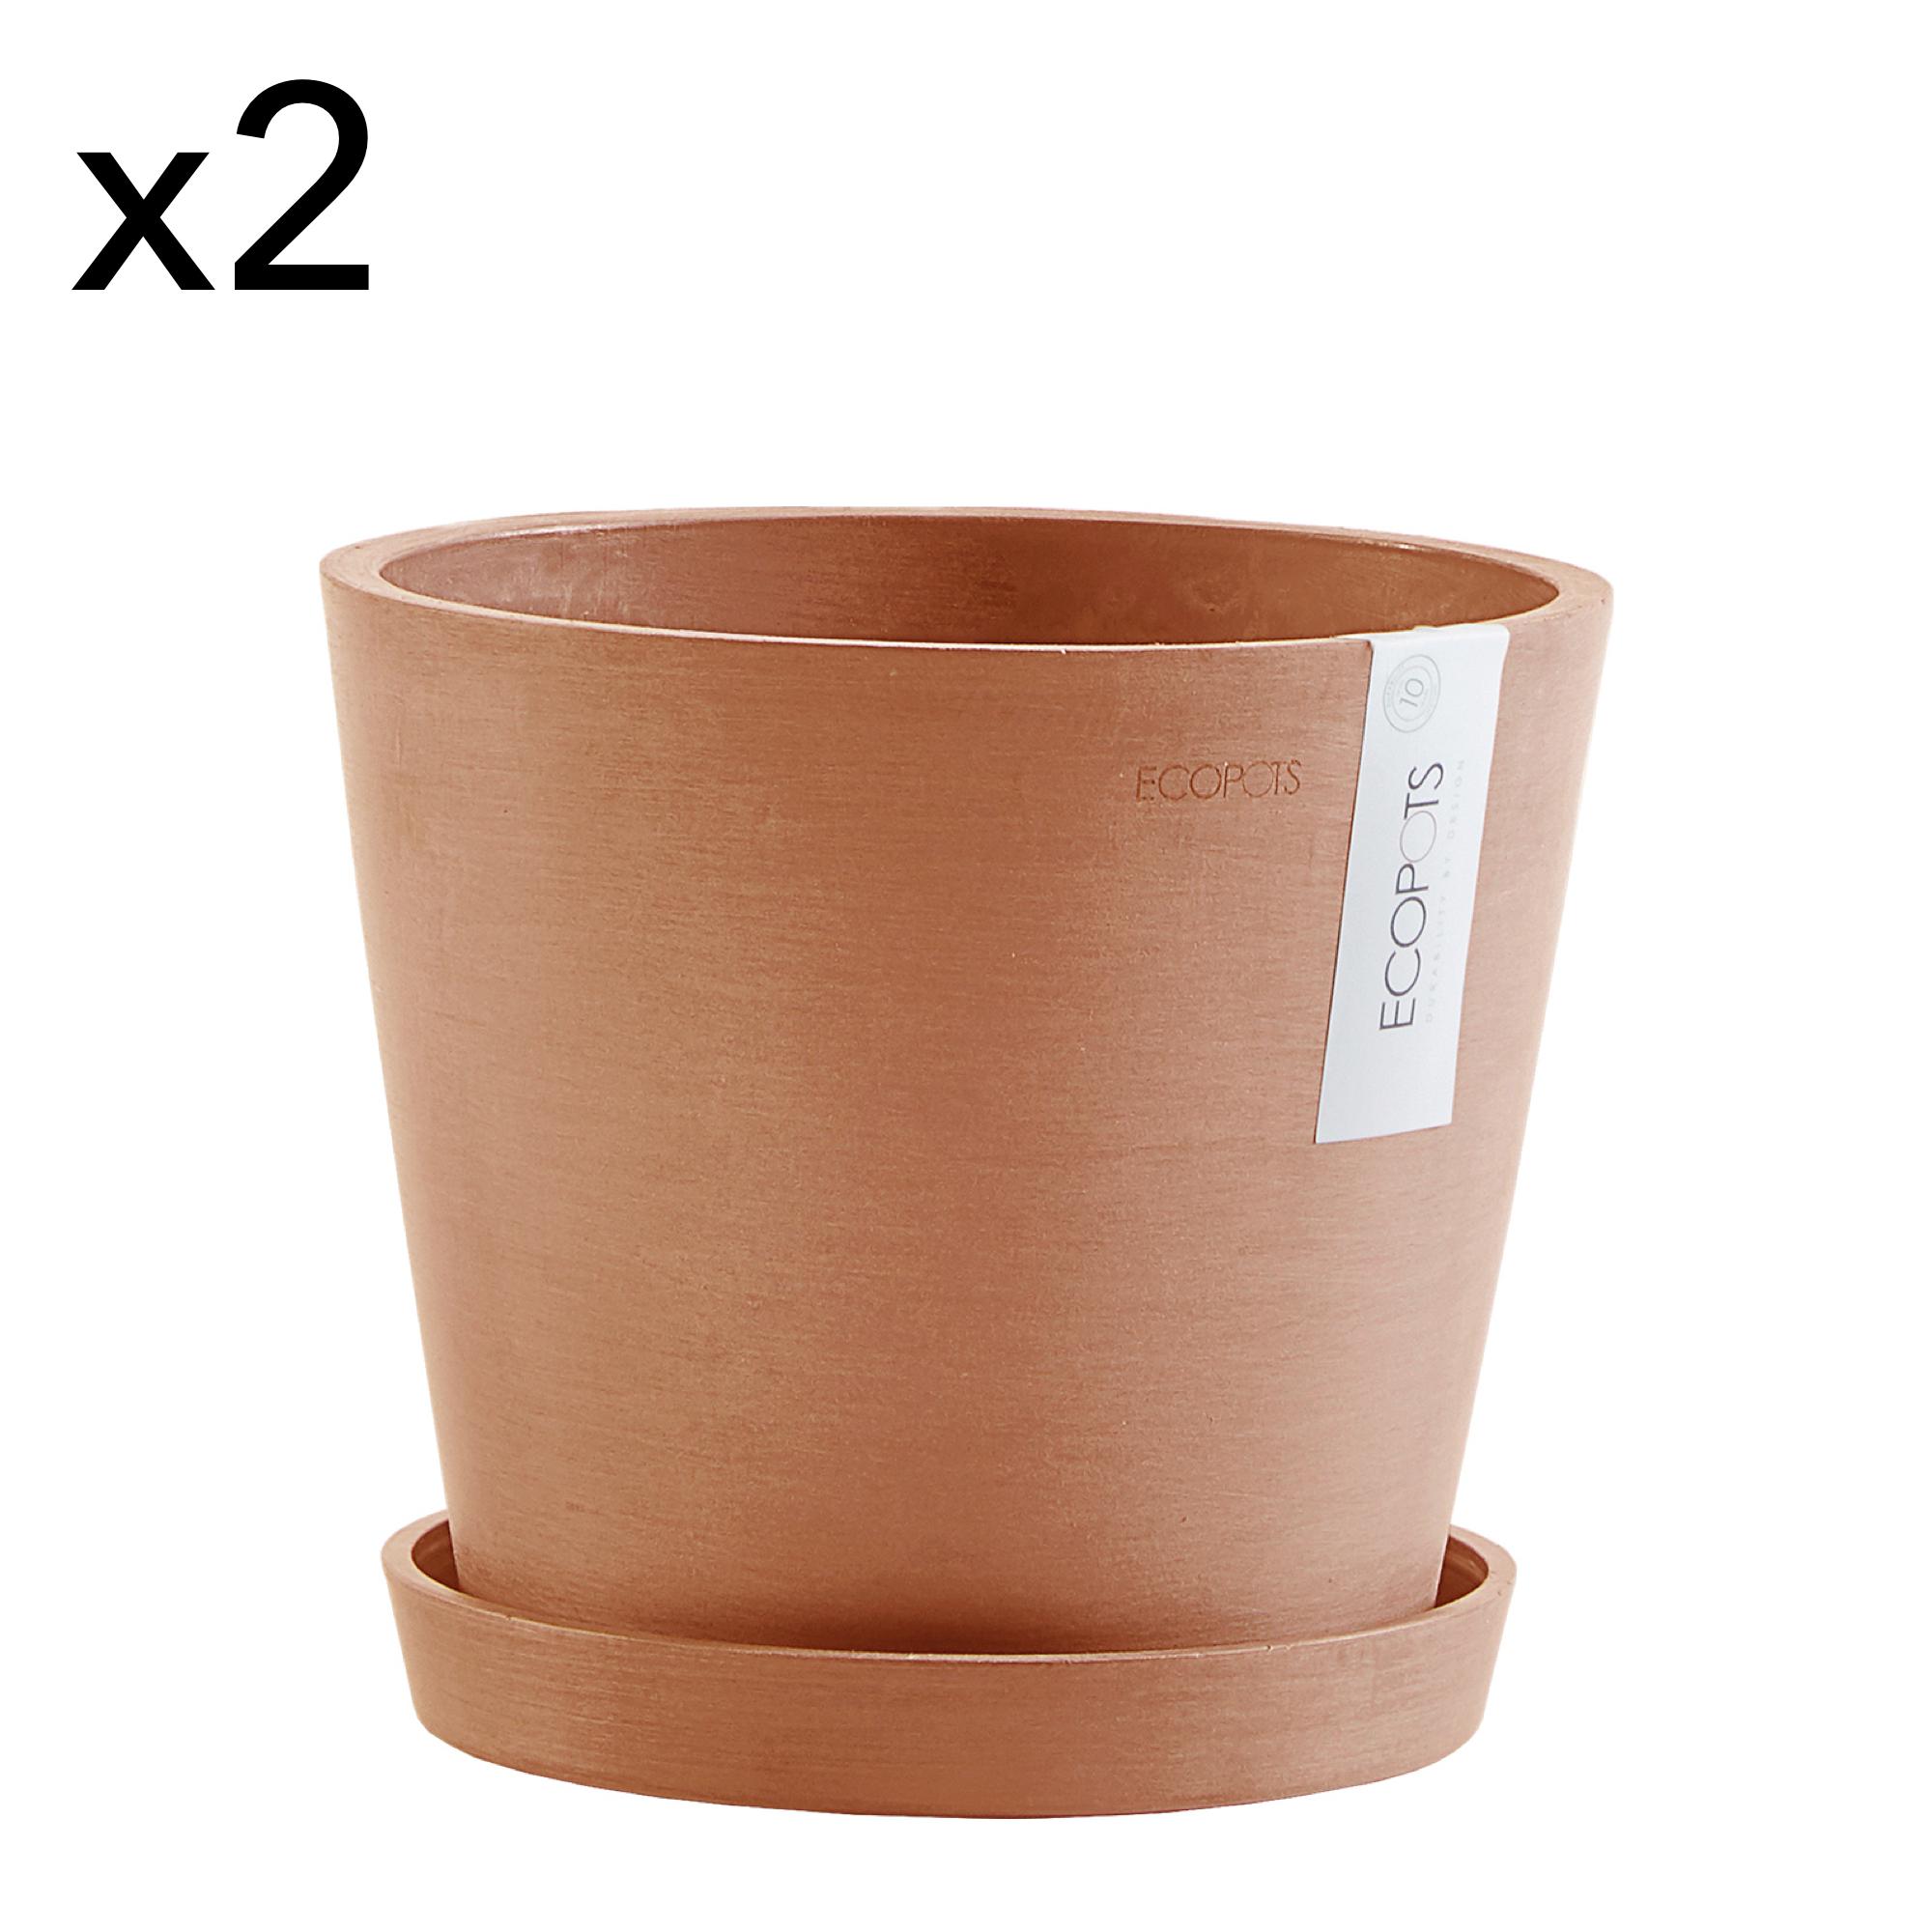 Lot de 2 pots de fleurs avec soucoupe terracotta D20